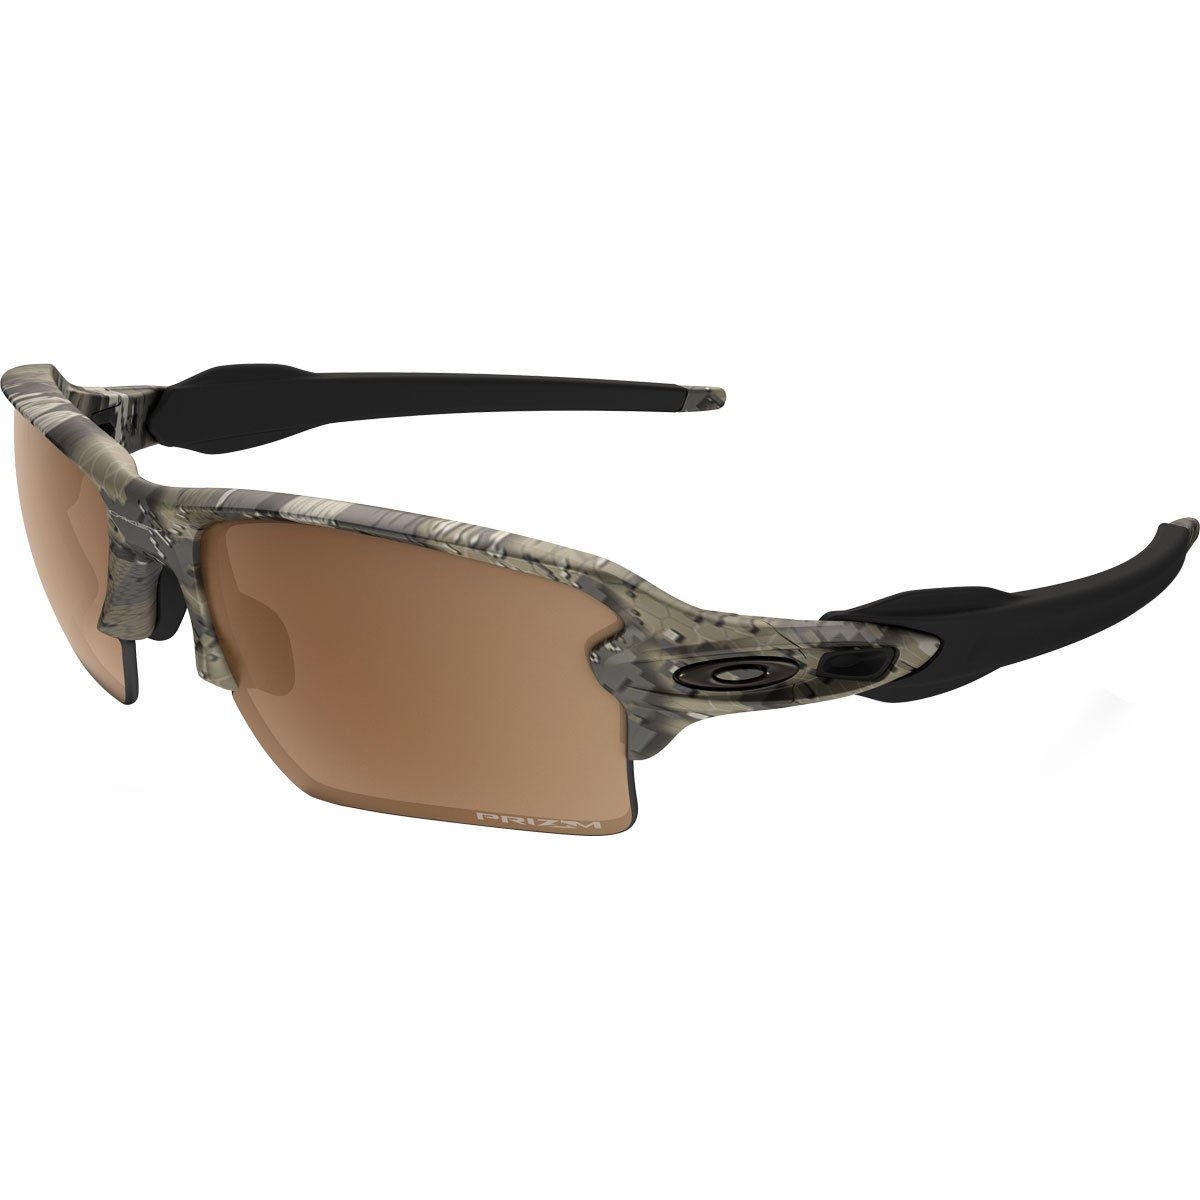 Oakley Mens Flak 2.0 XL Polarized Sunglasses, Desolve Bare Camo/Prizm Tungsten, One Size